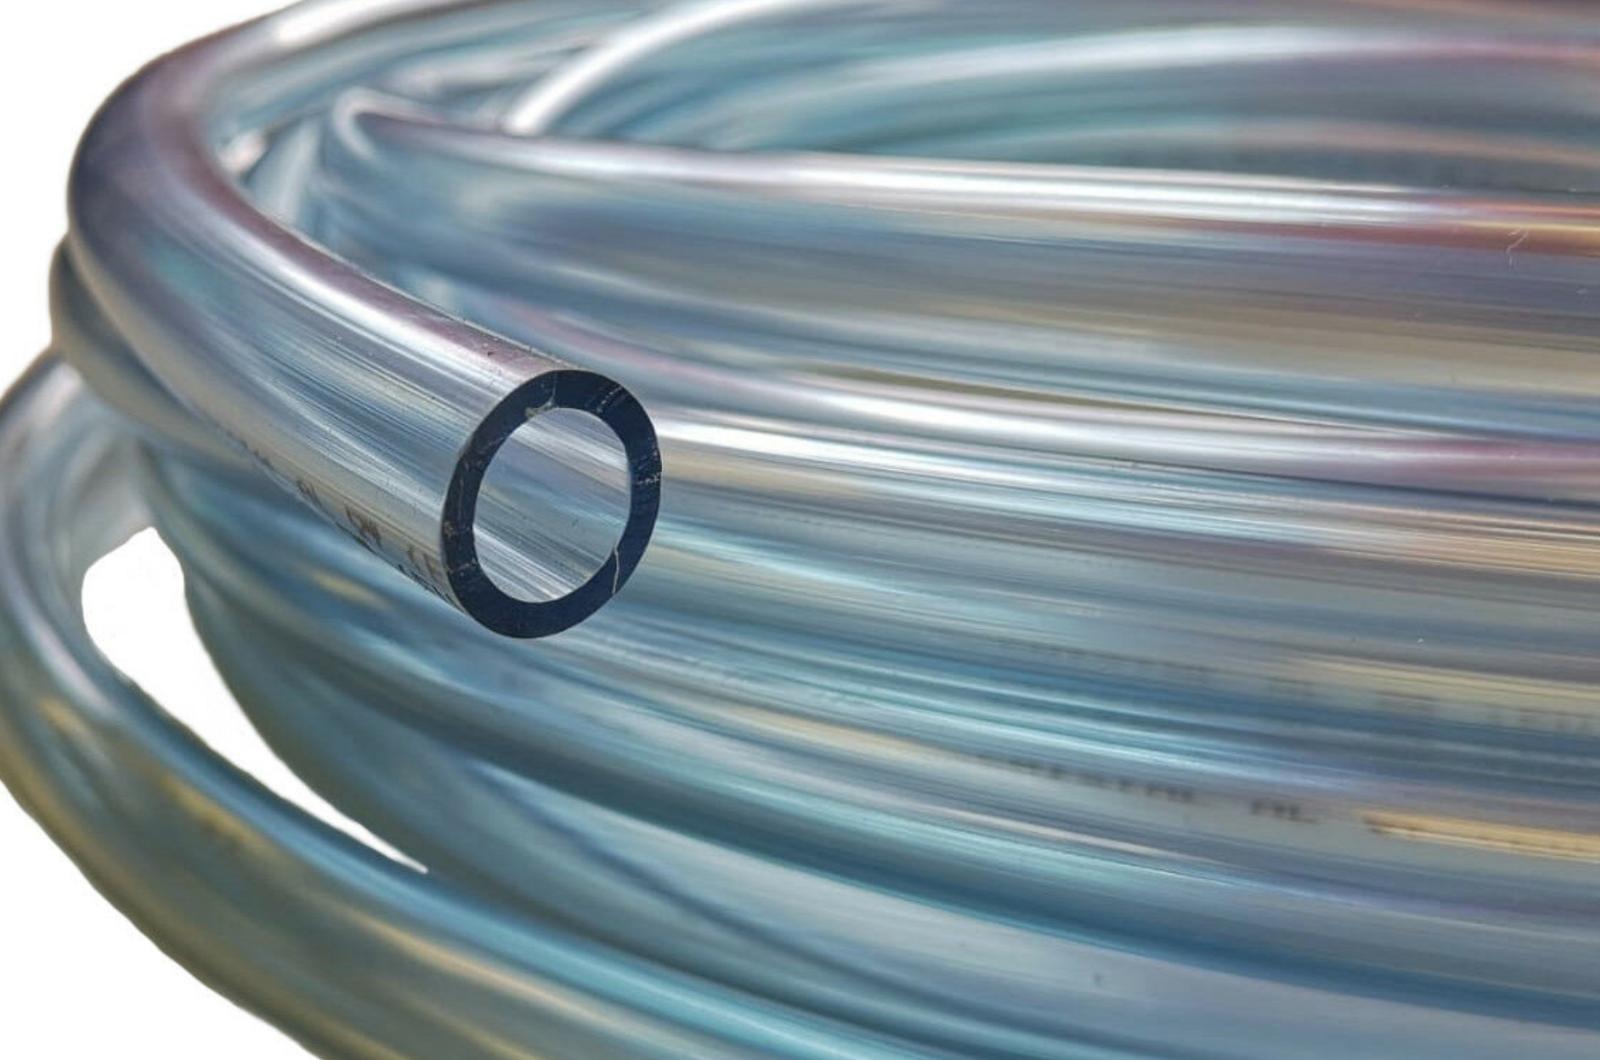 Bassin Poisson Voiture 5 mm PVC Tube PLASTIQUE Transparent Tuyau Alimentaire